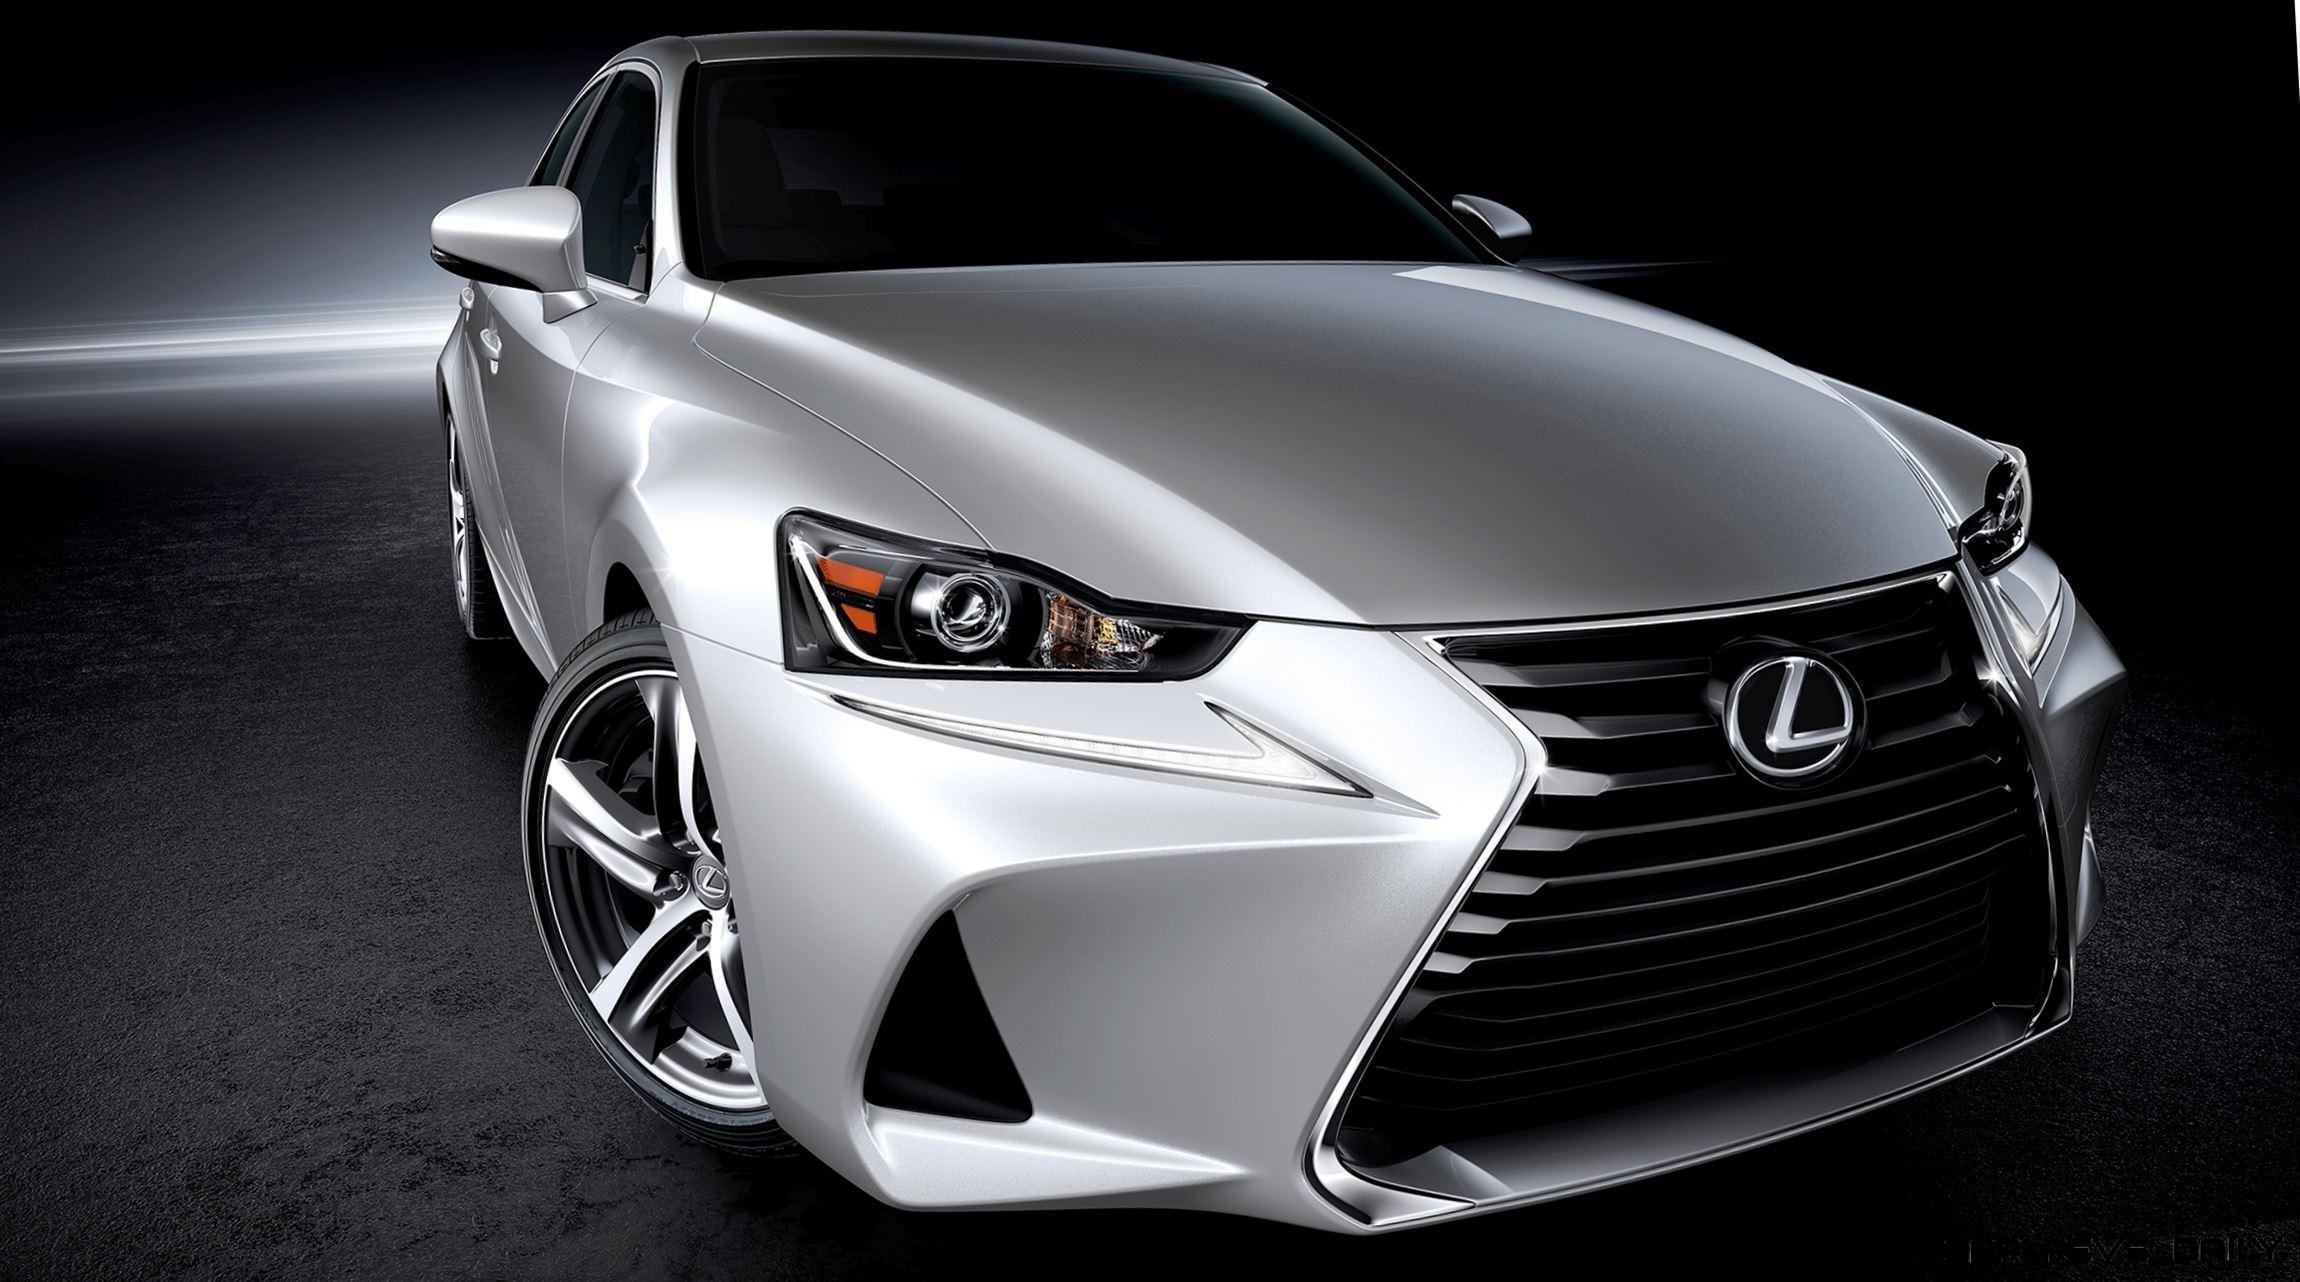 Lexus_IS_010_62C88270C6C32D2270252C72B585C55C9C00897C